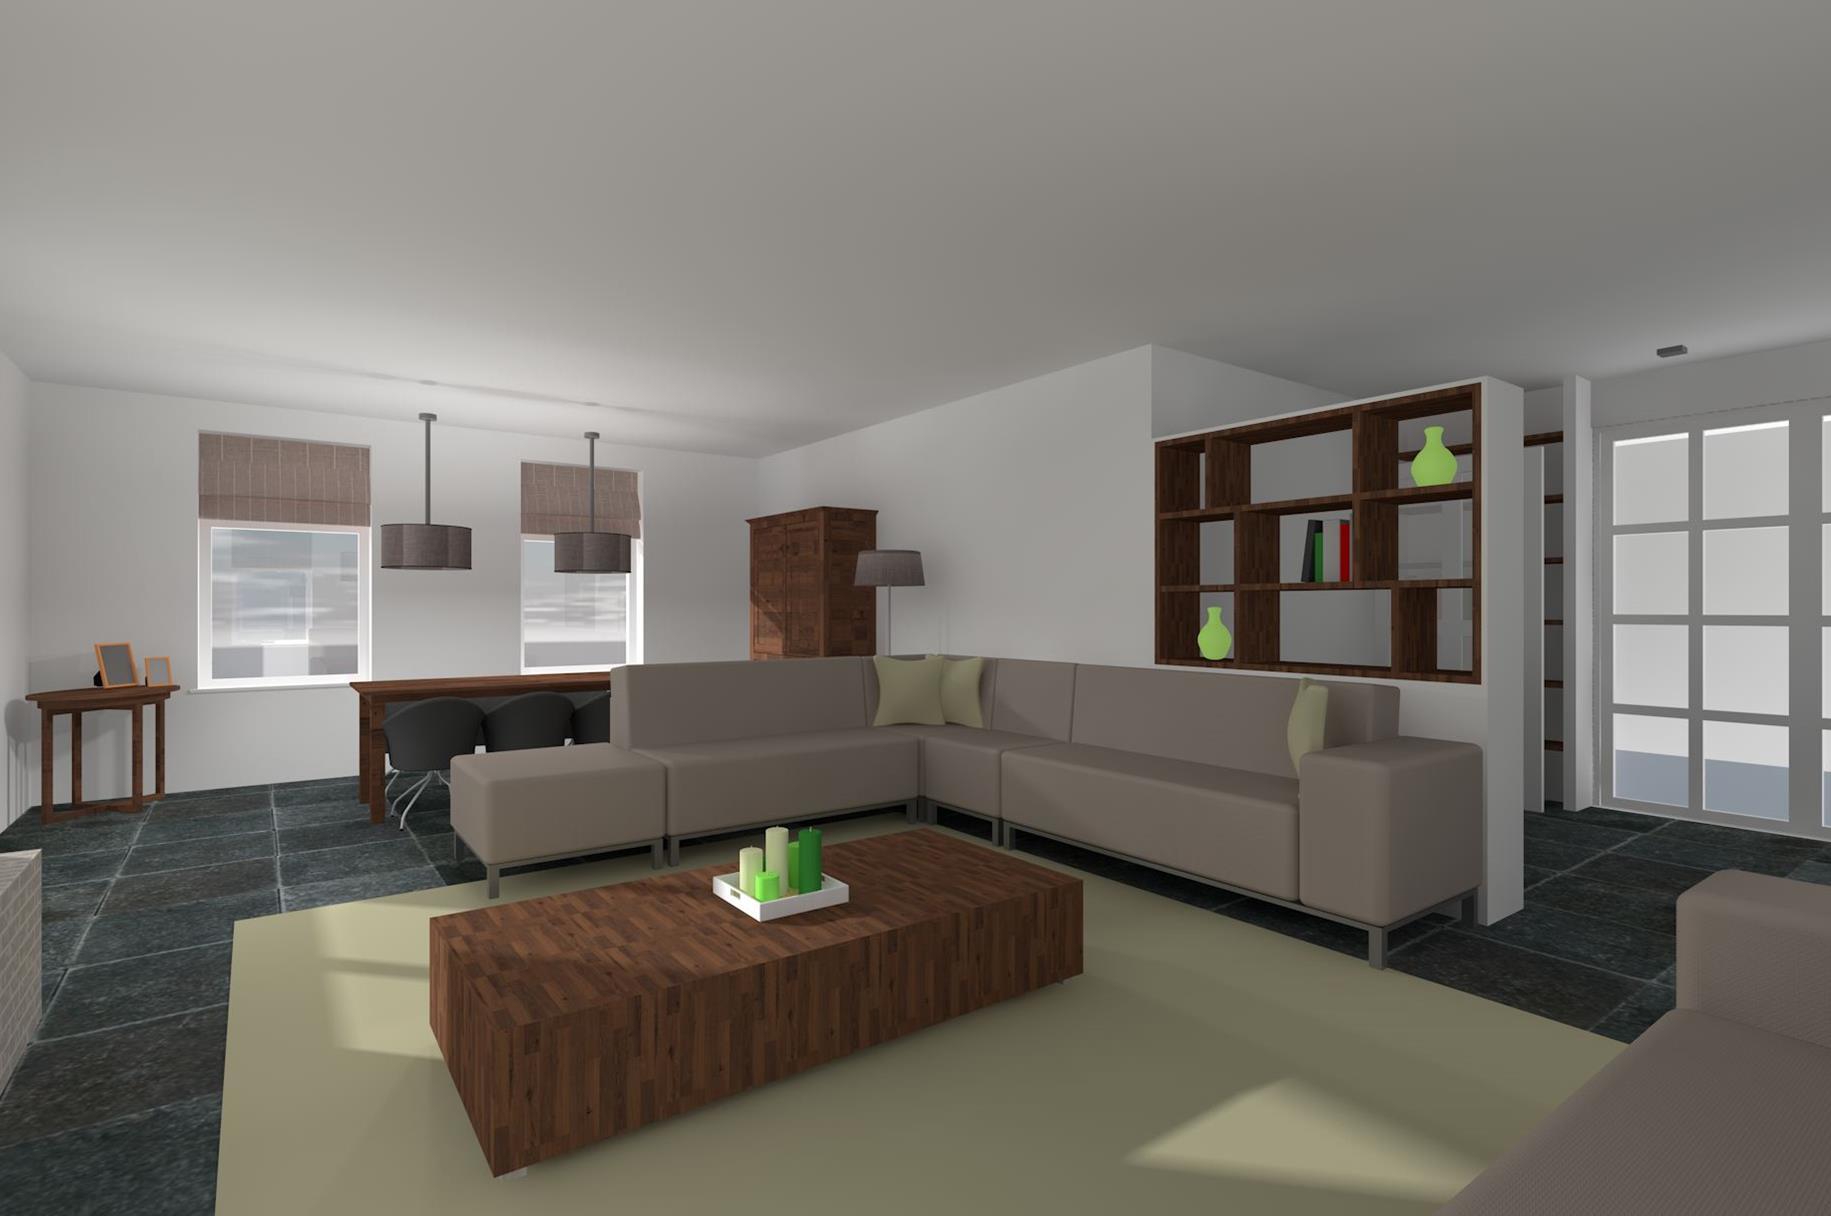 Woonkamer deco paarse for Deco van woonkamer design